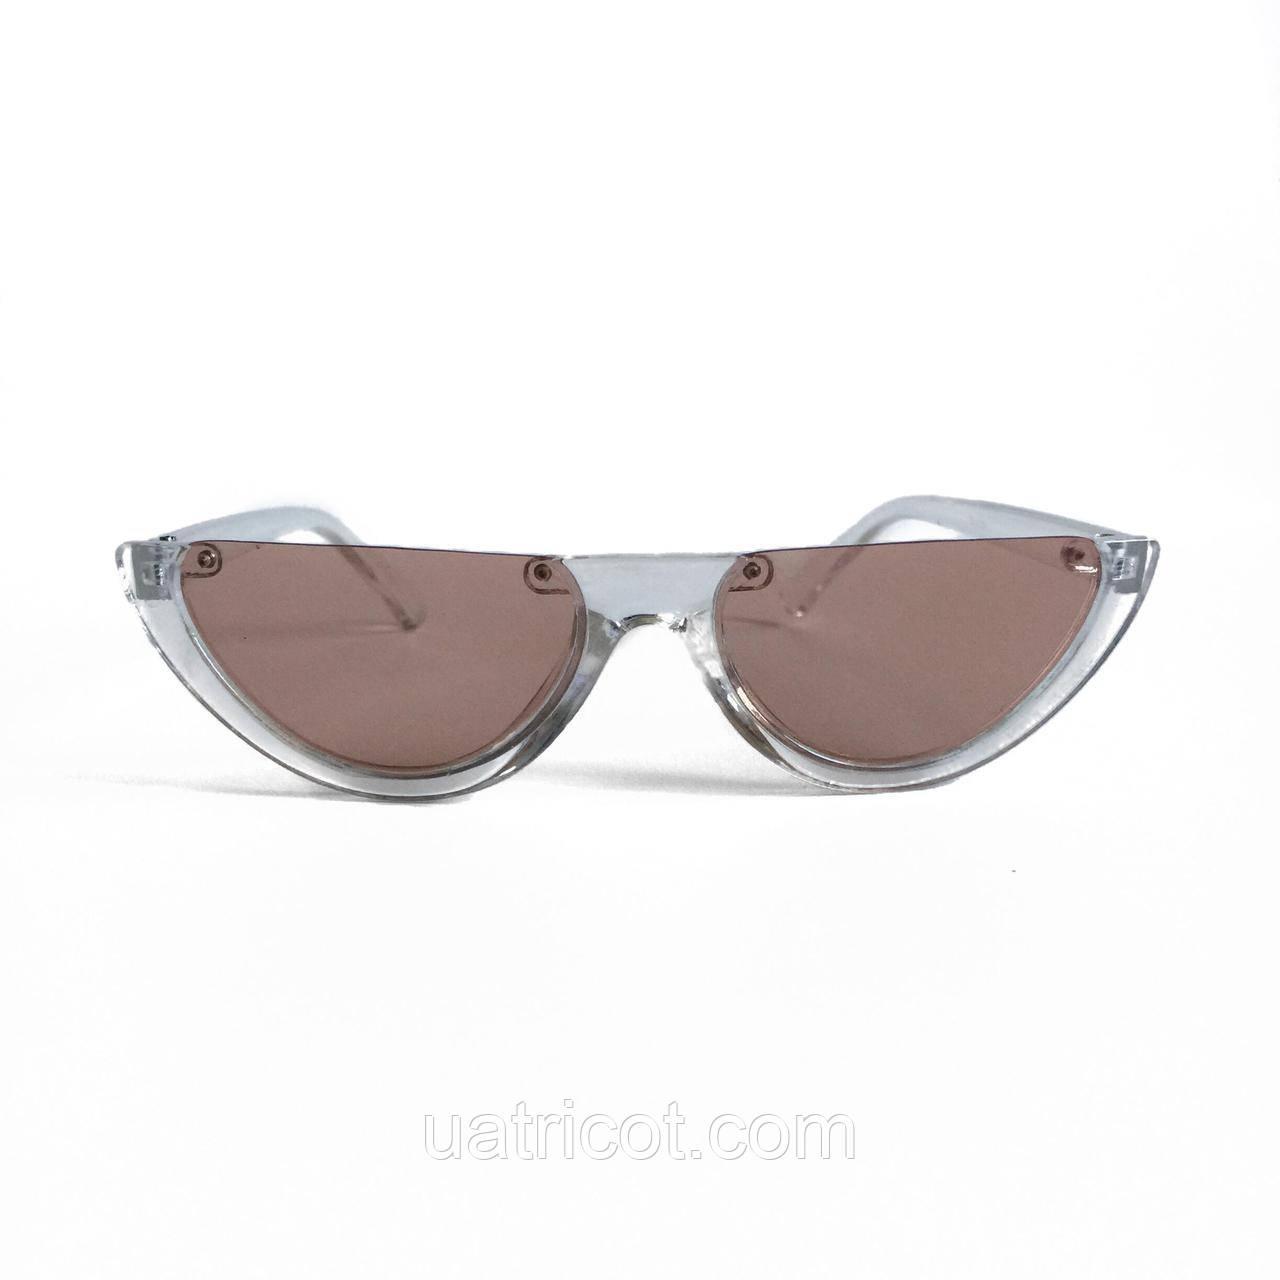 Женские солнцезащитные очки лисы в прозрачной оправе с розовыми линзами